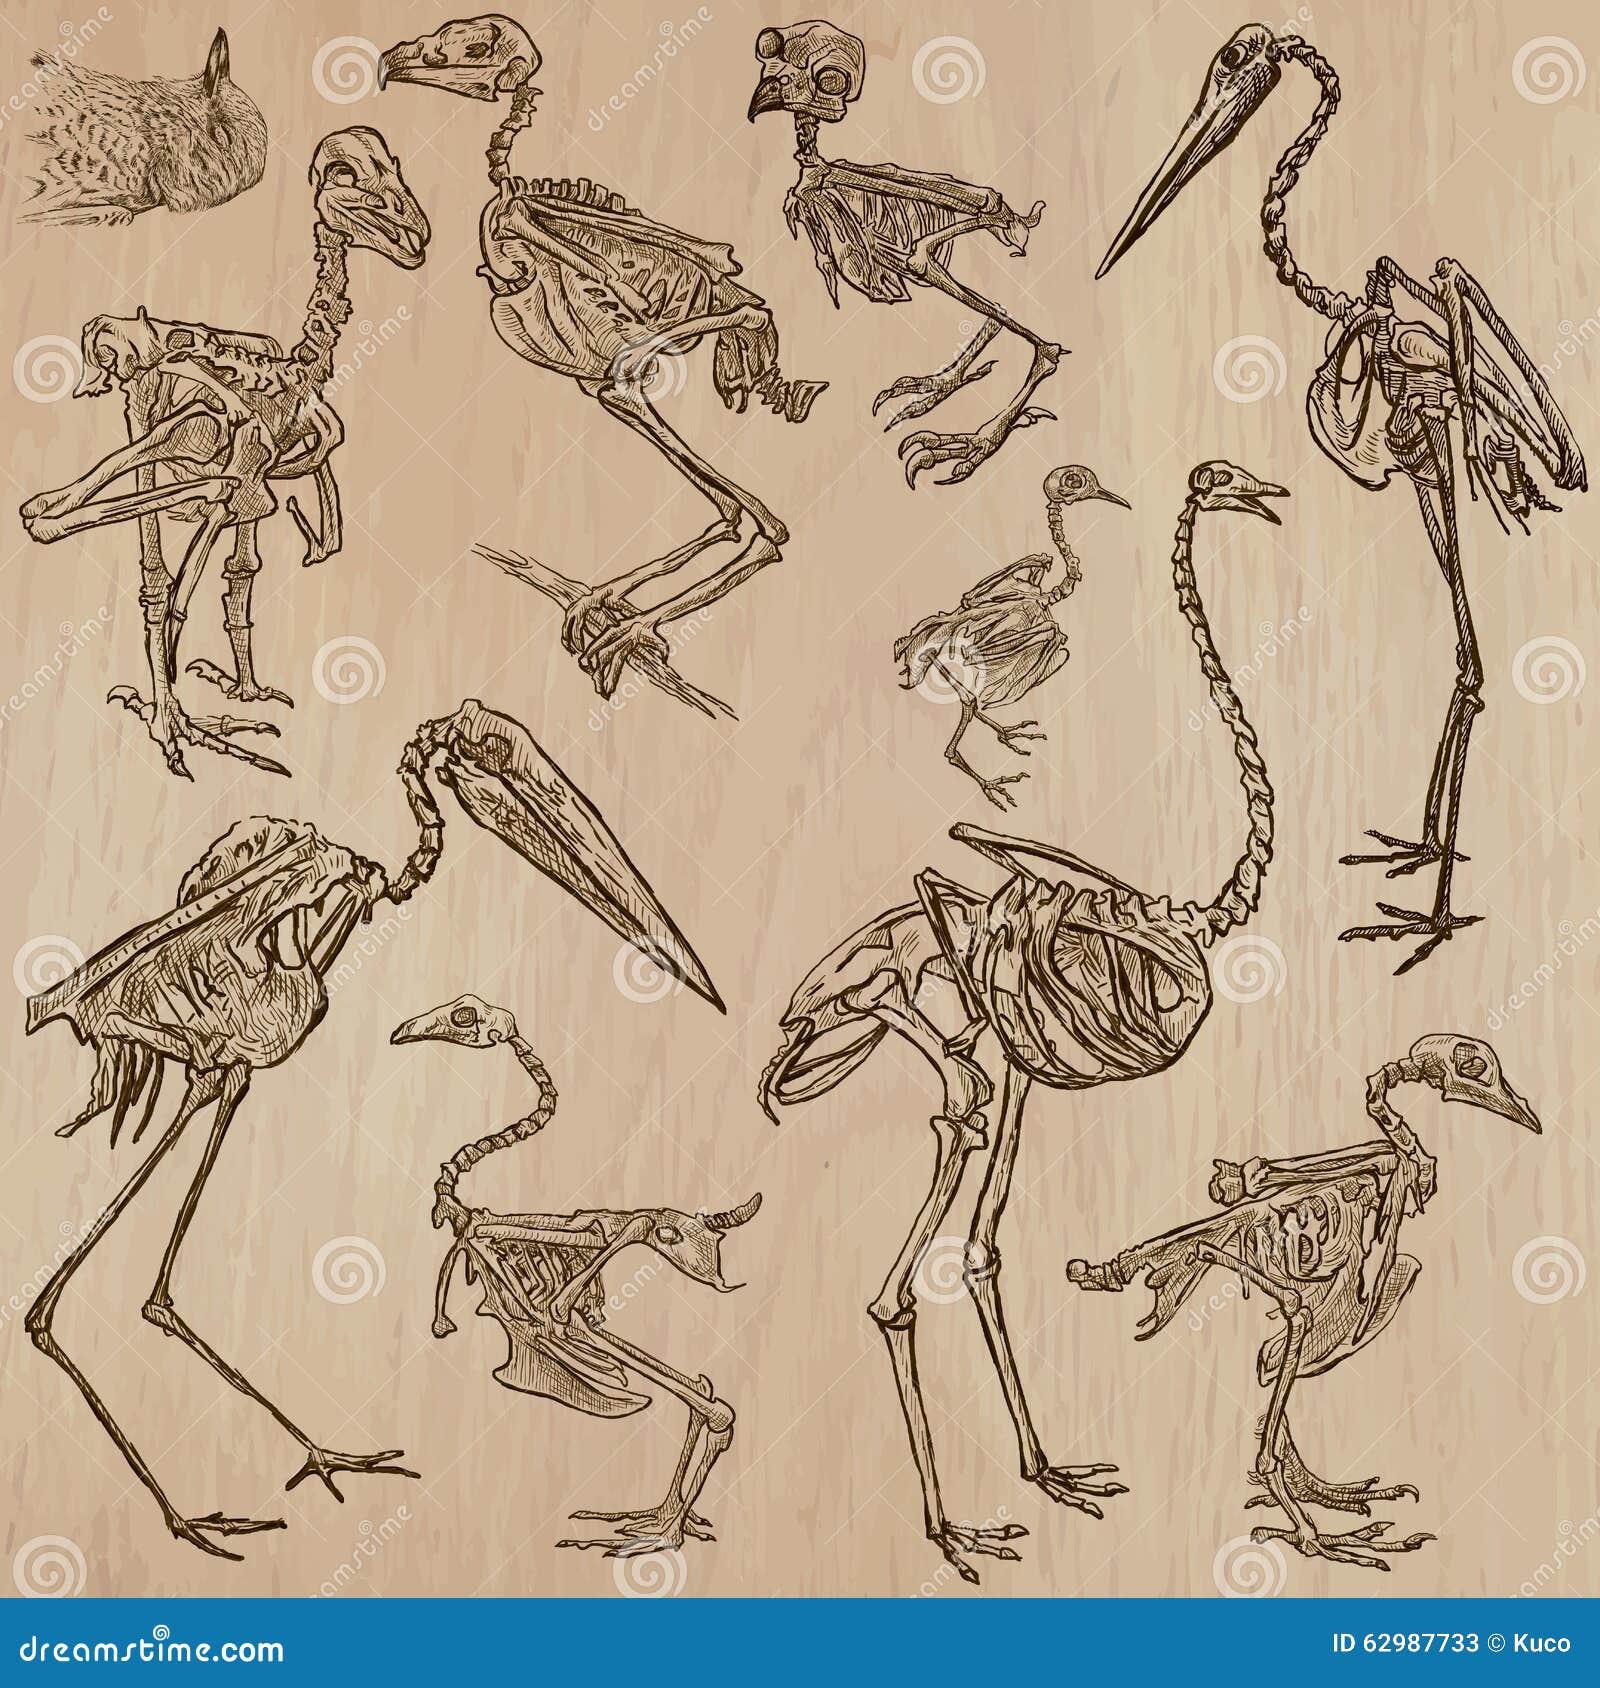 Vogel-Knochen, Skelette - Freehands, Vektor Vektor Abbildung ...